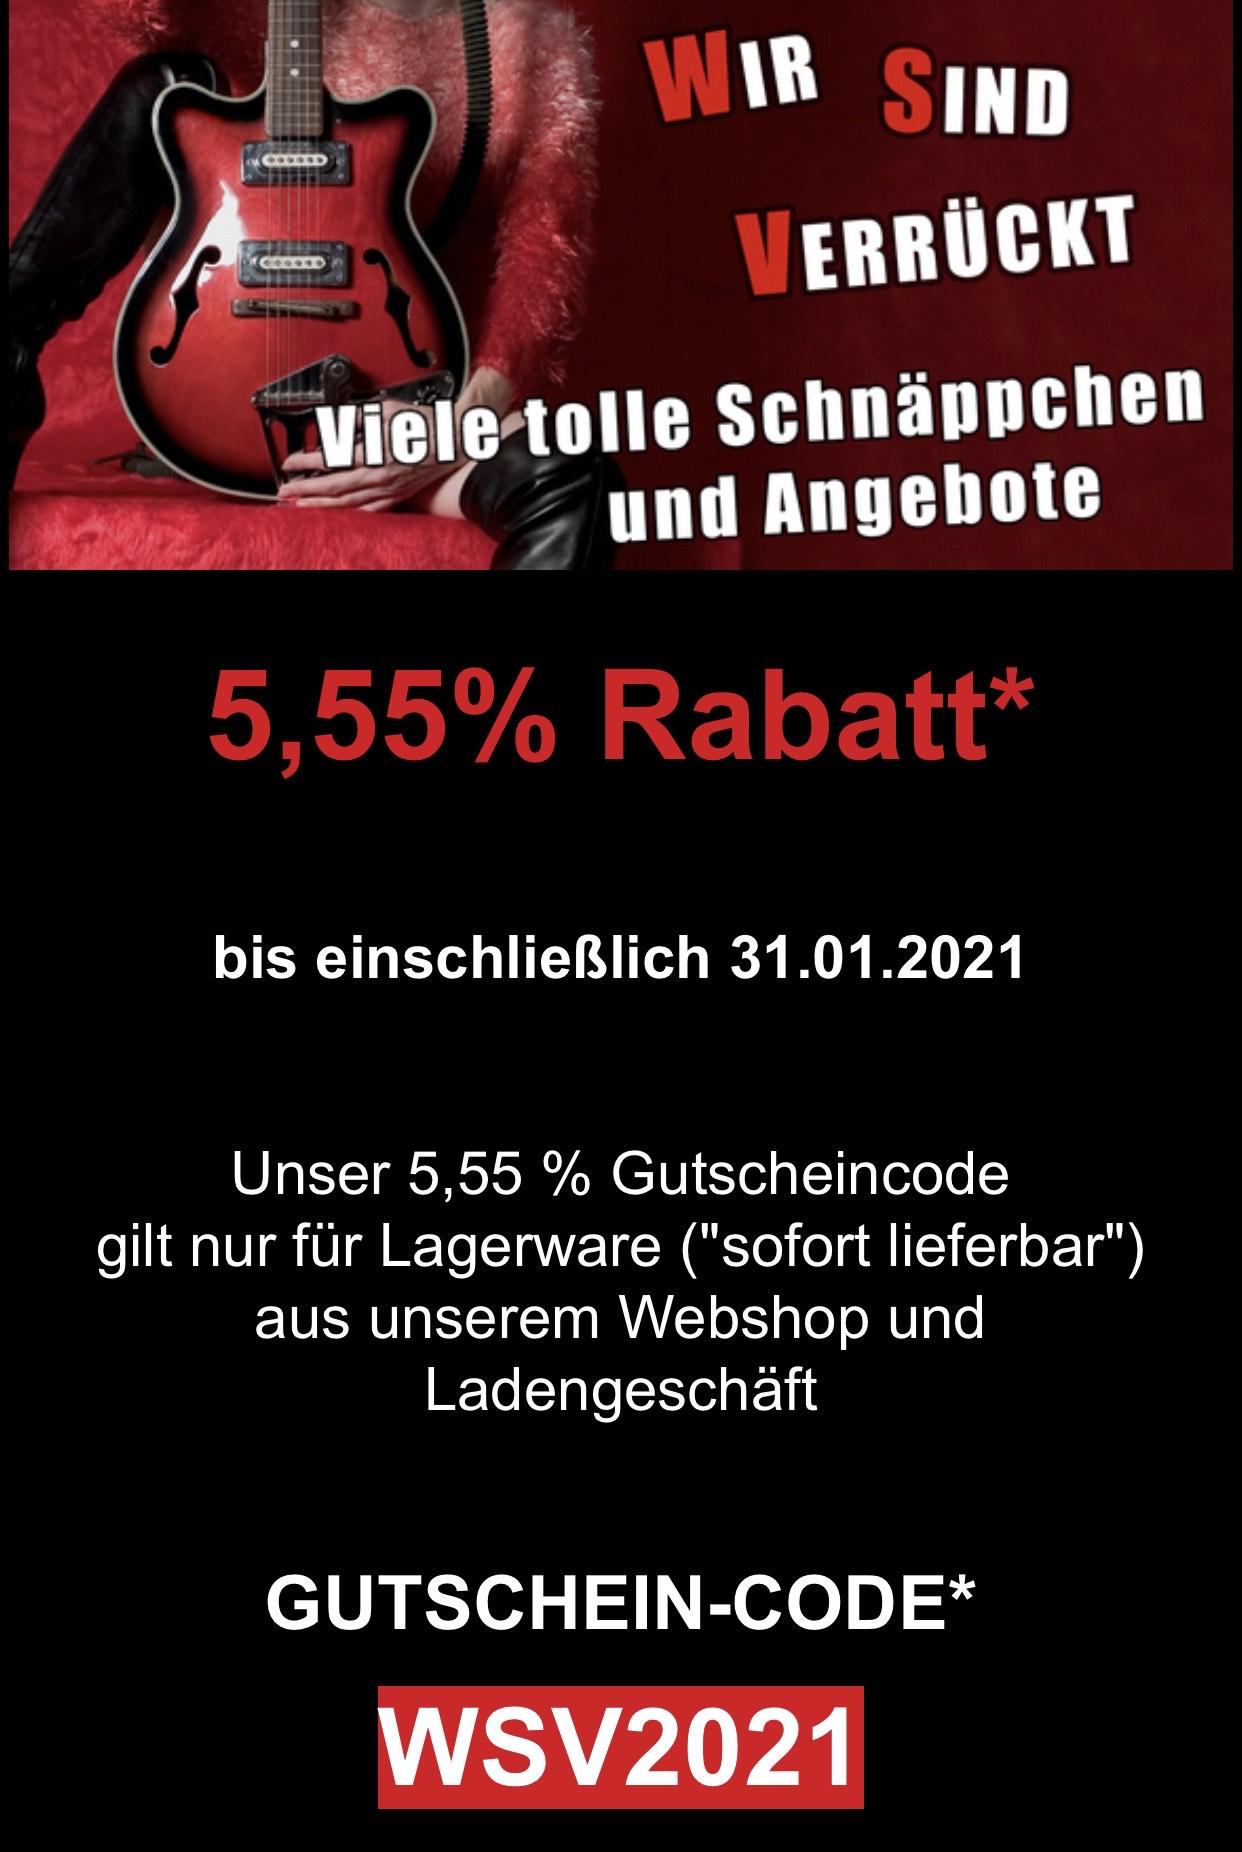 Rockshop Gutschein: 5,55% auf gesamte lagernde Ware